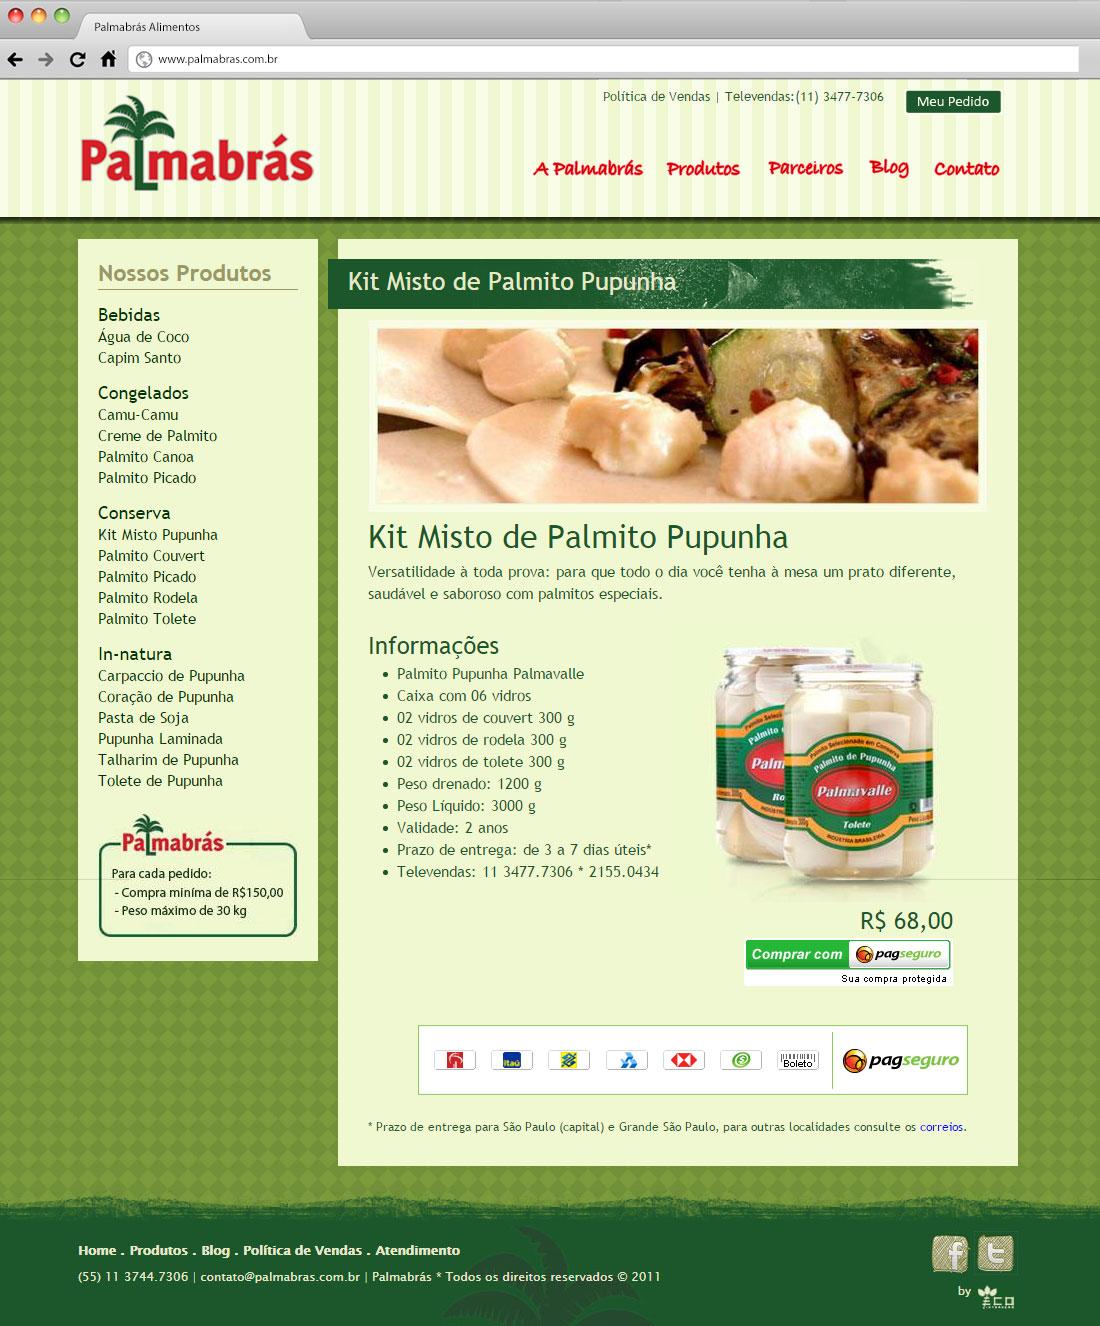 pagina-produtos-singular-palmabras